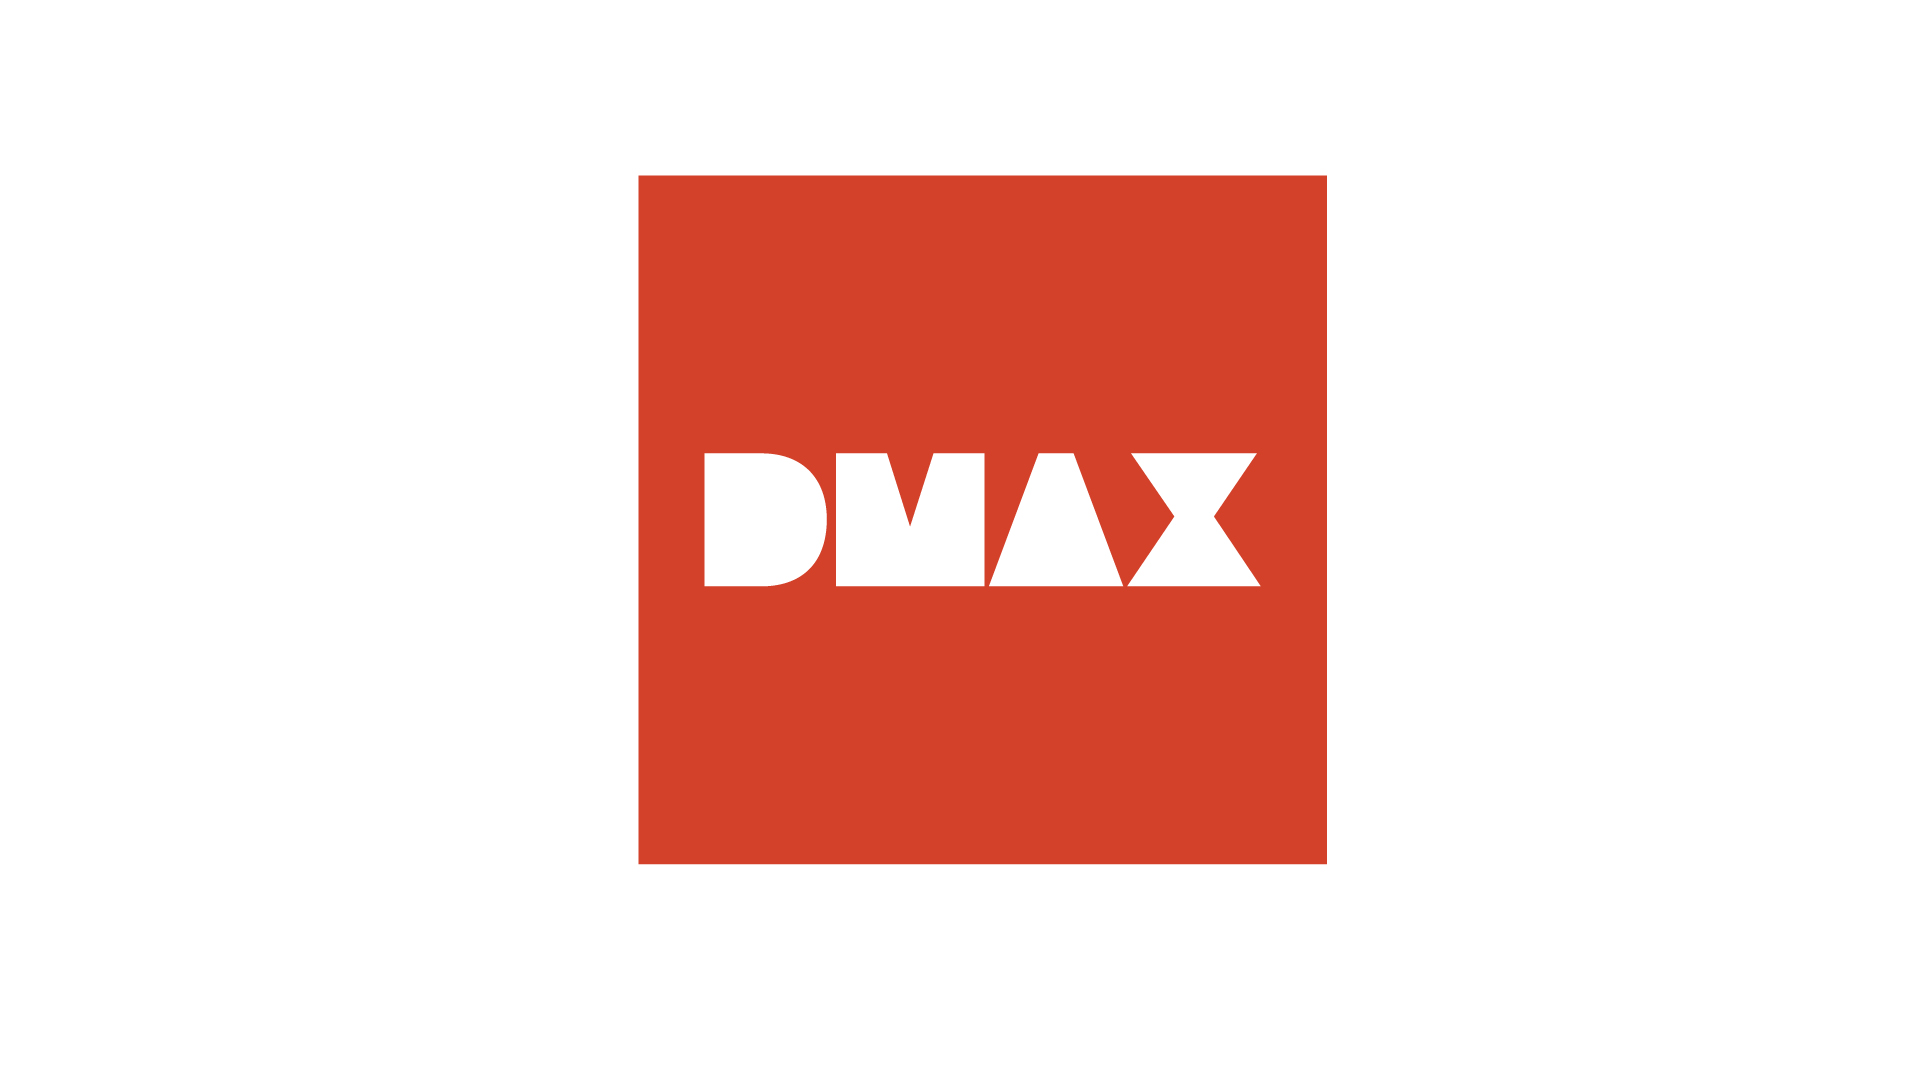 DMAX-LOGO paprika